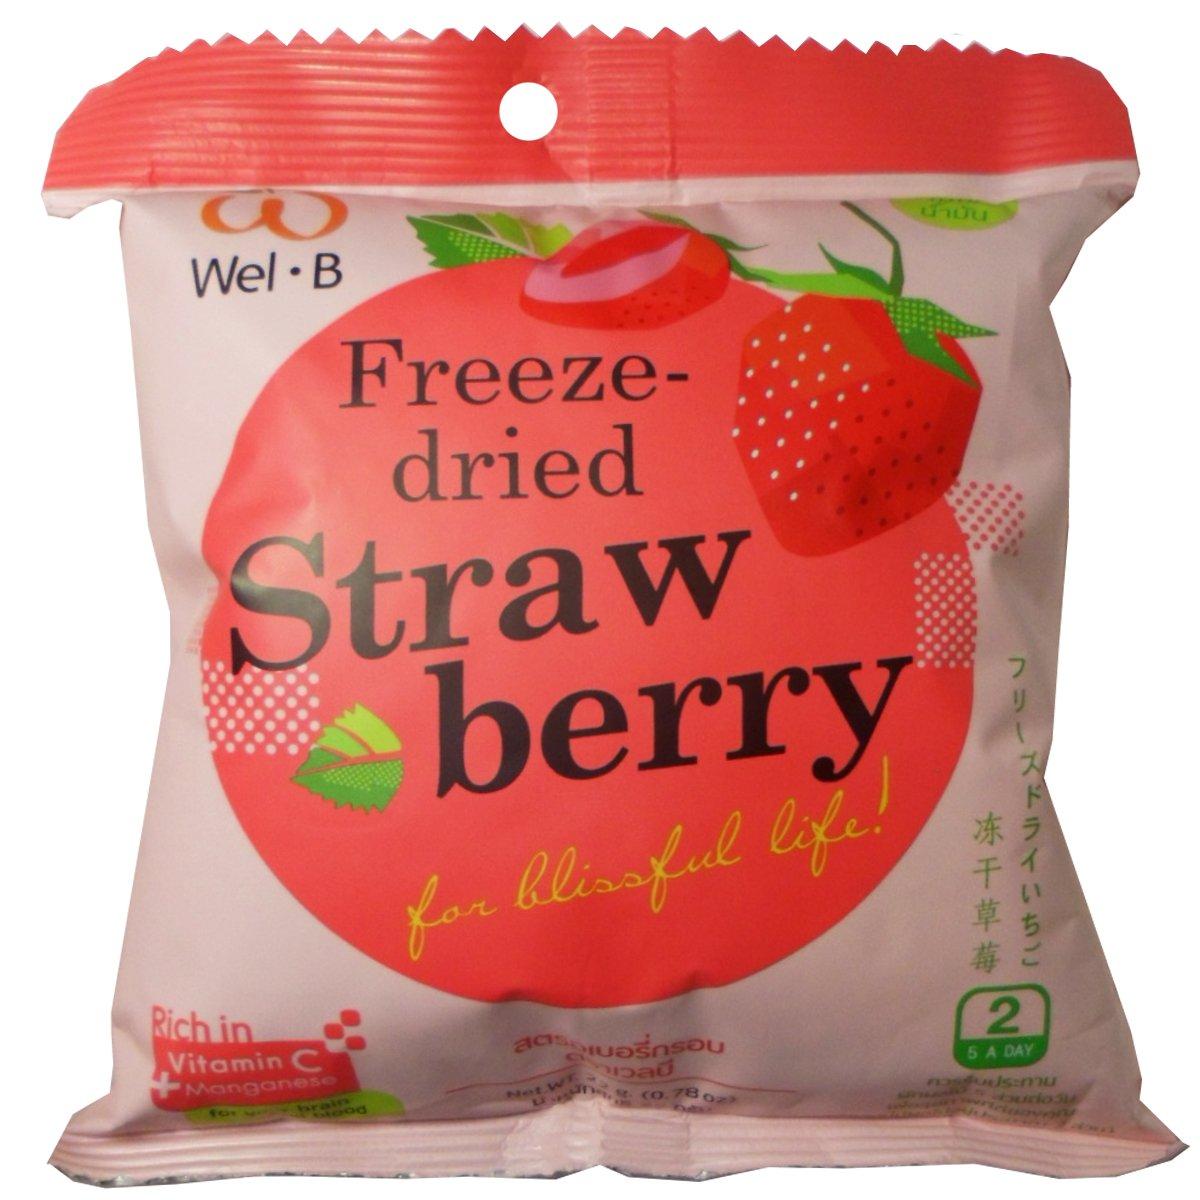 Freeze Dried Strawberry Healthy Fruit Snack Wel-B Brand Net Wt 22g (0.78oz) x 5 bags